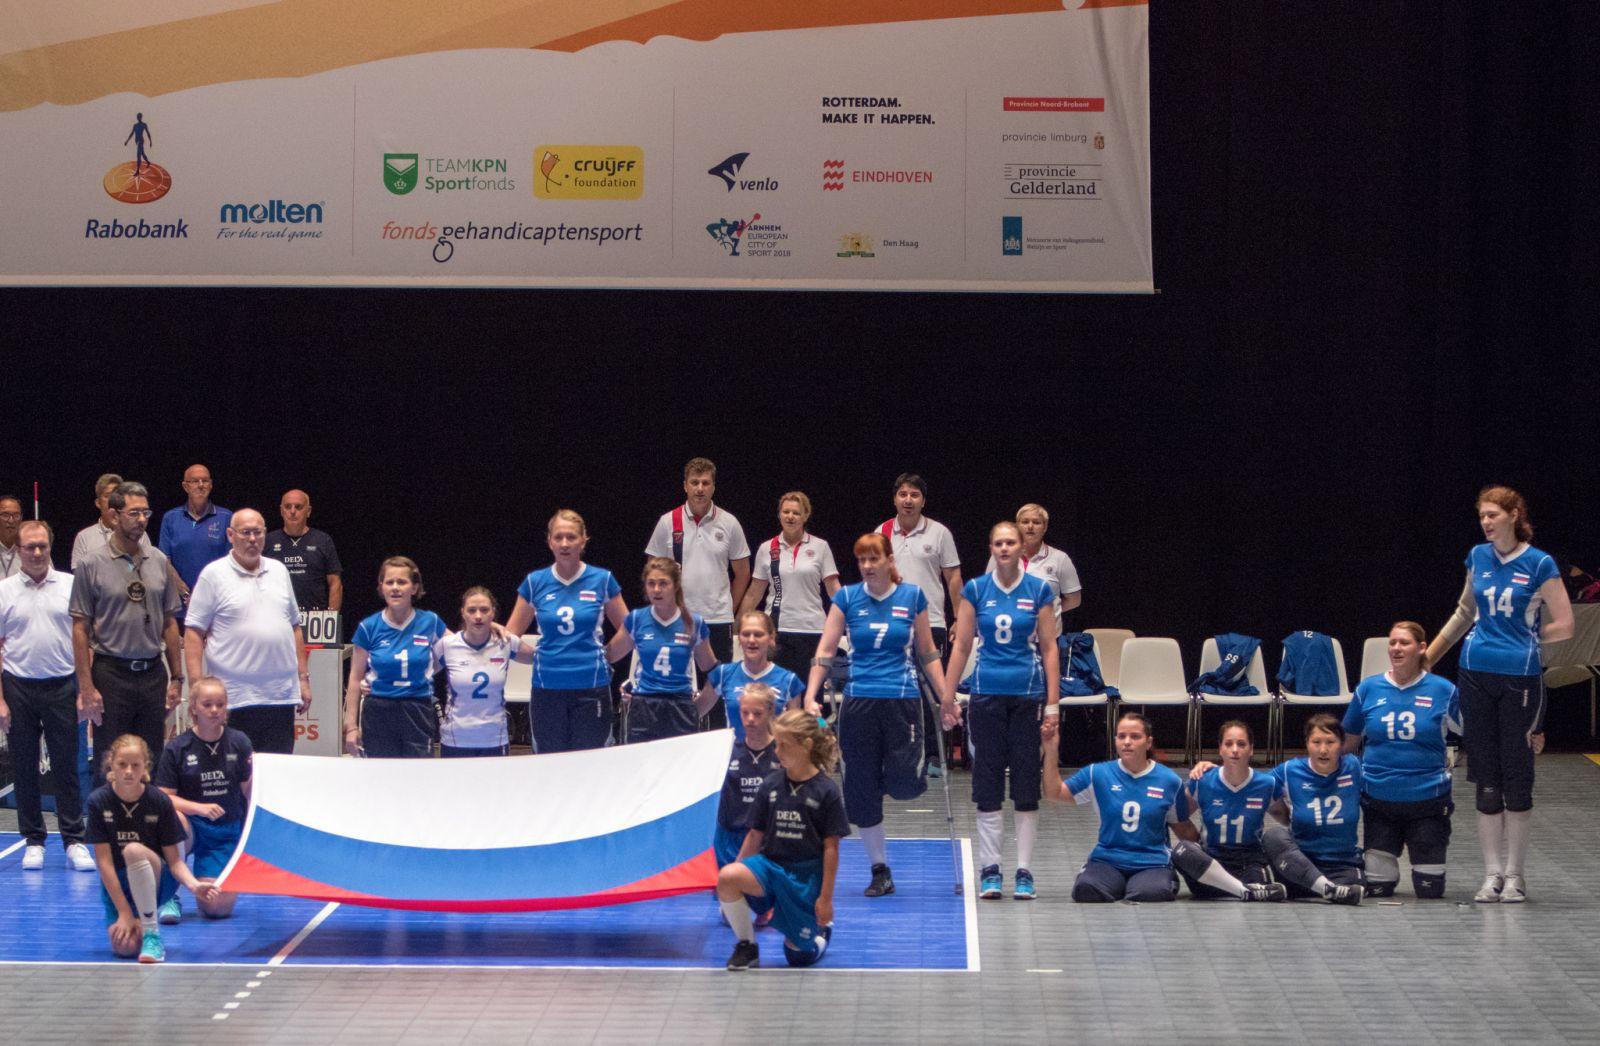 Женская сборная команда России по волейболу сидя вышла в финал  чемпионата мира в Нидерландах